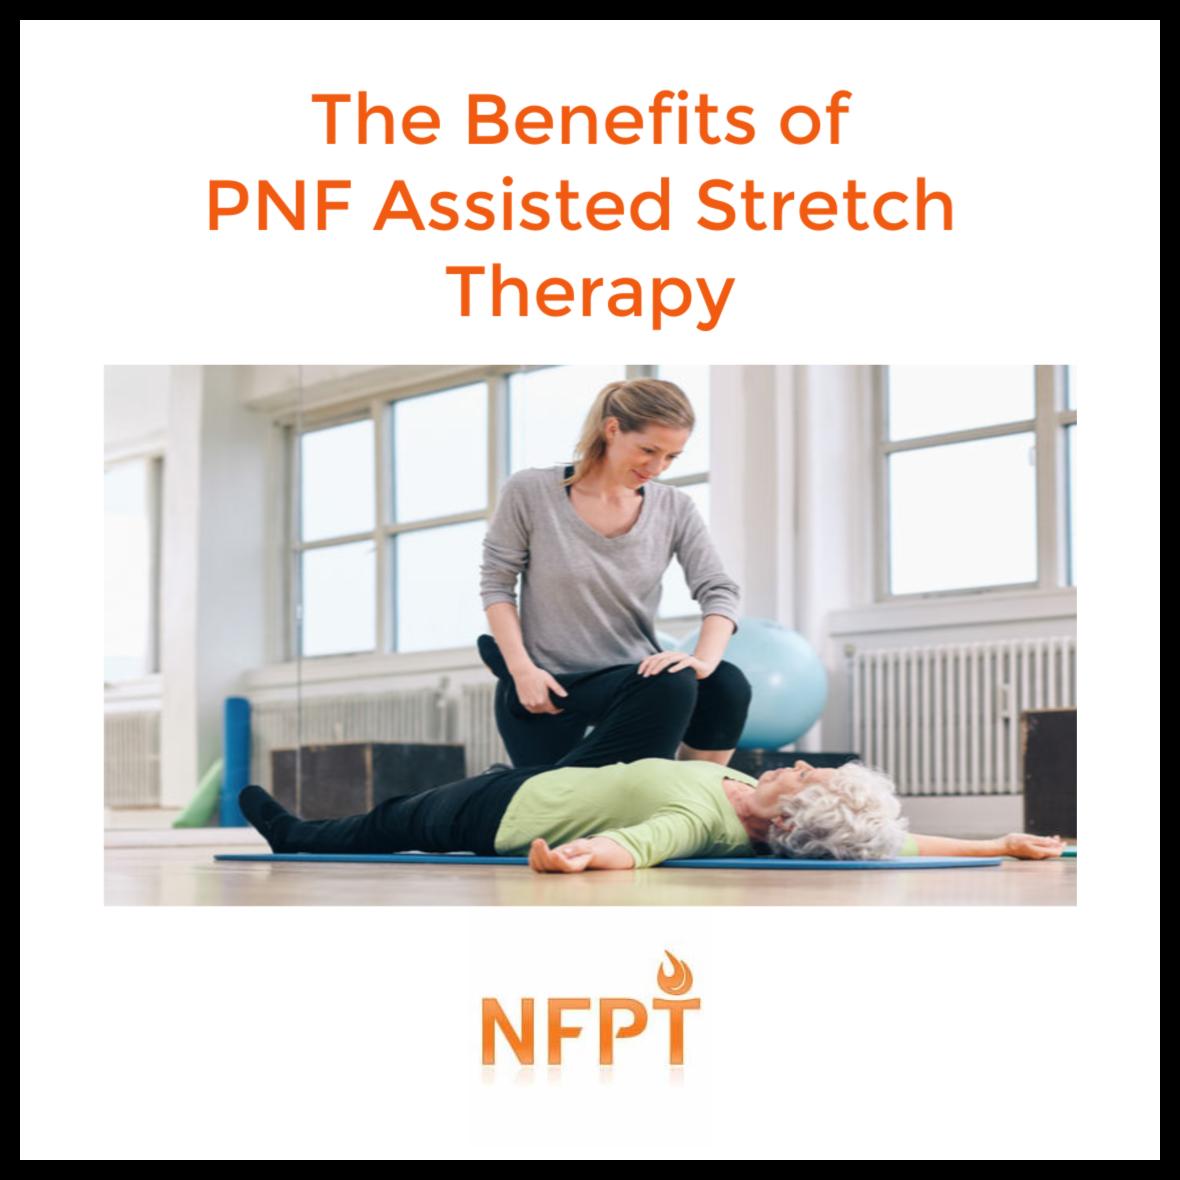 PNF Stretch